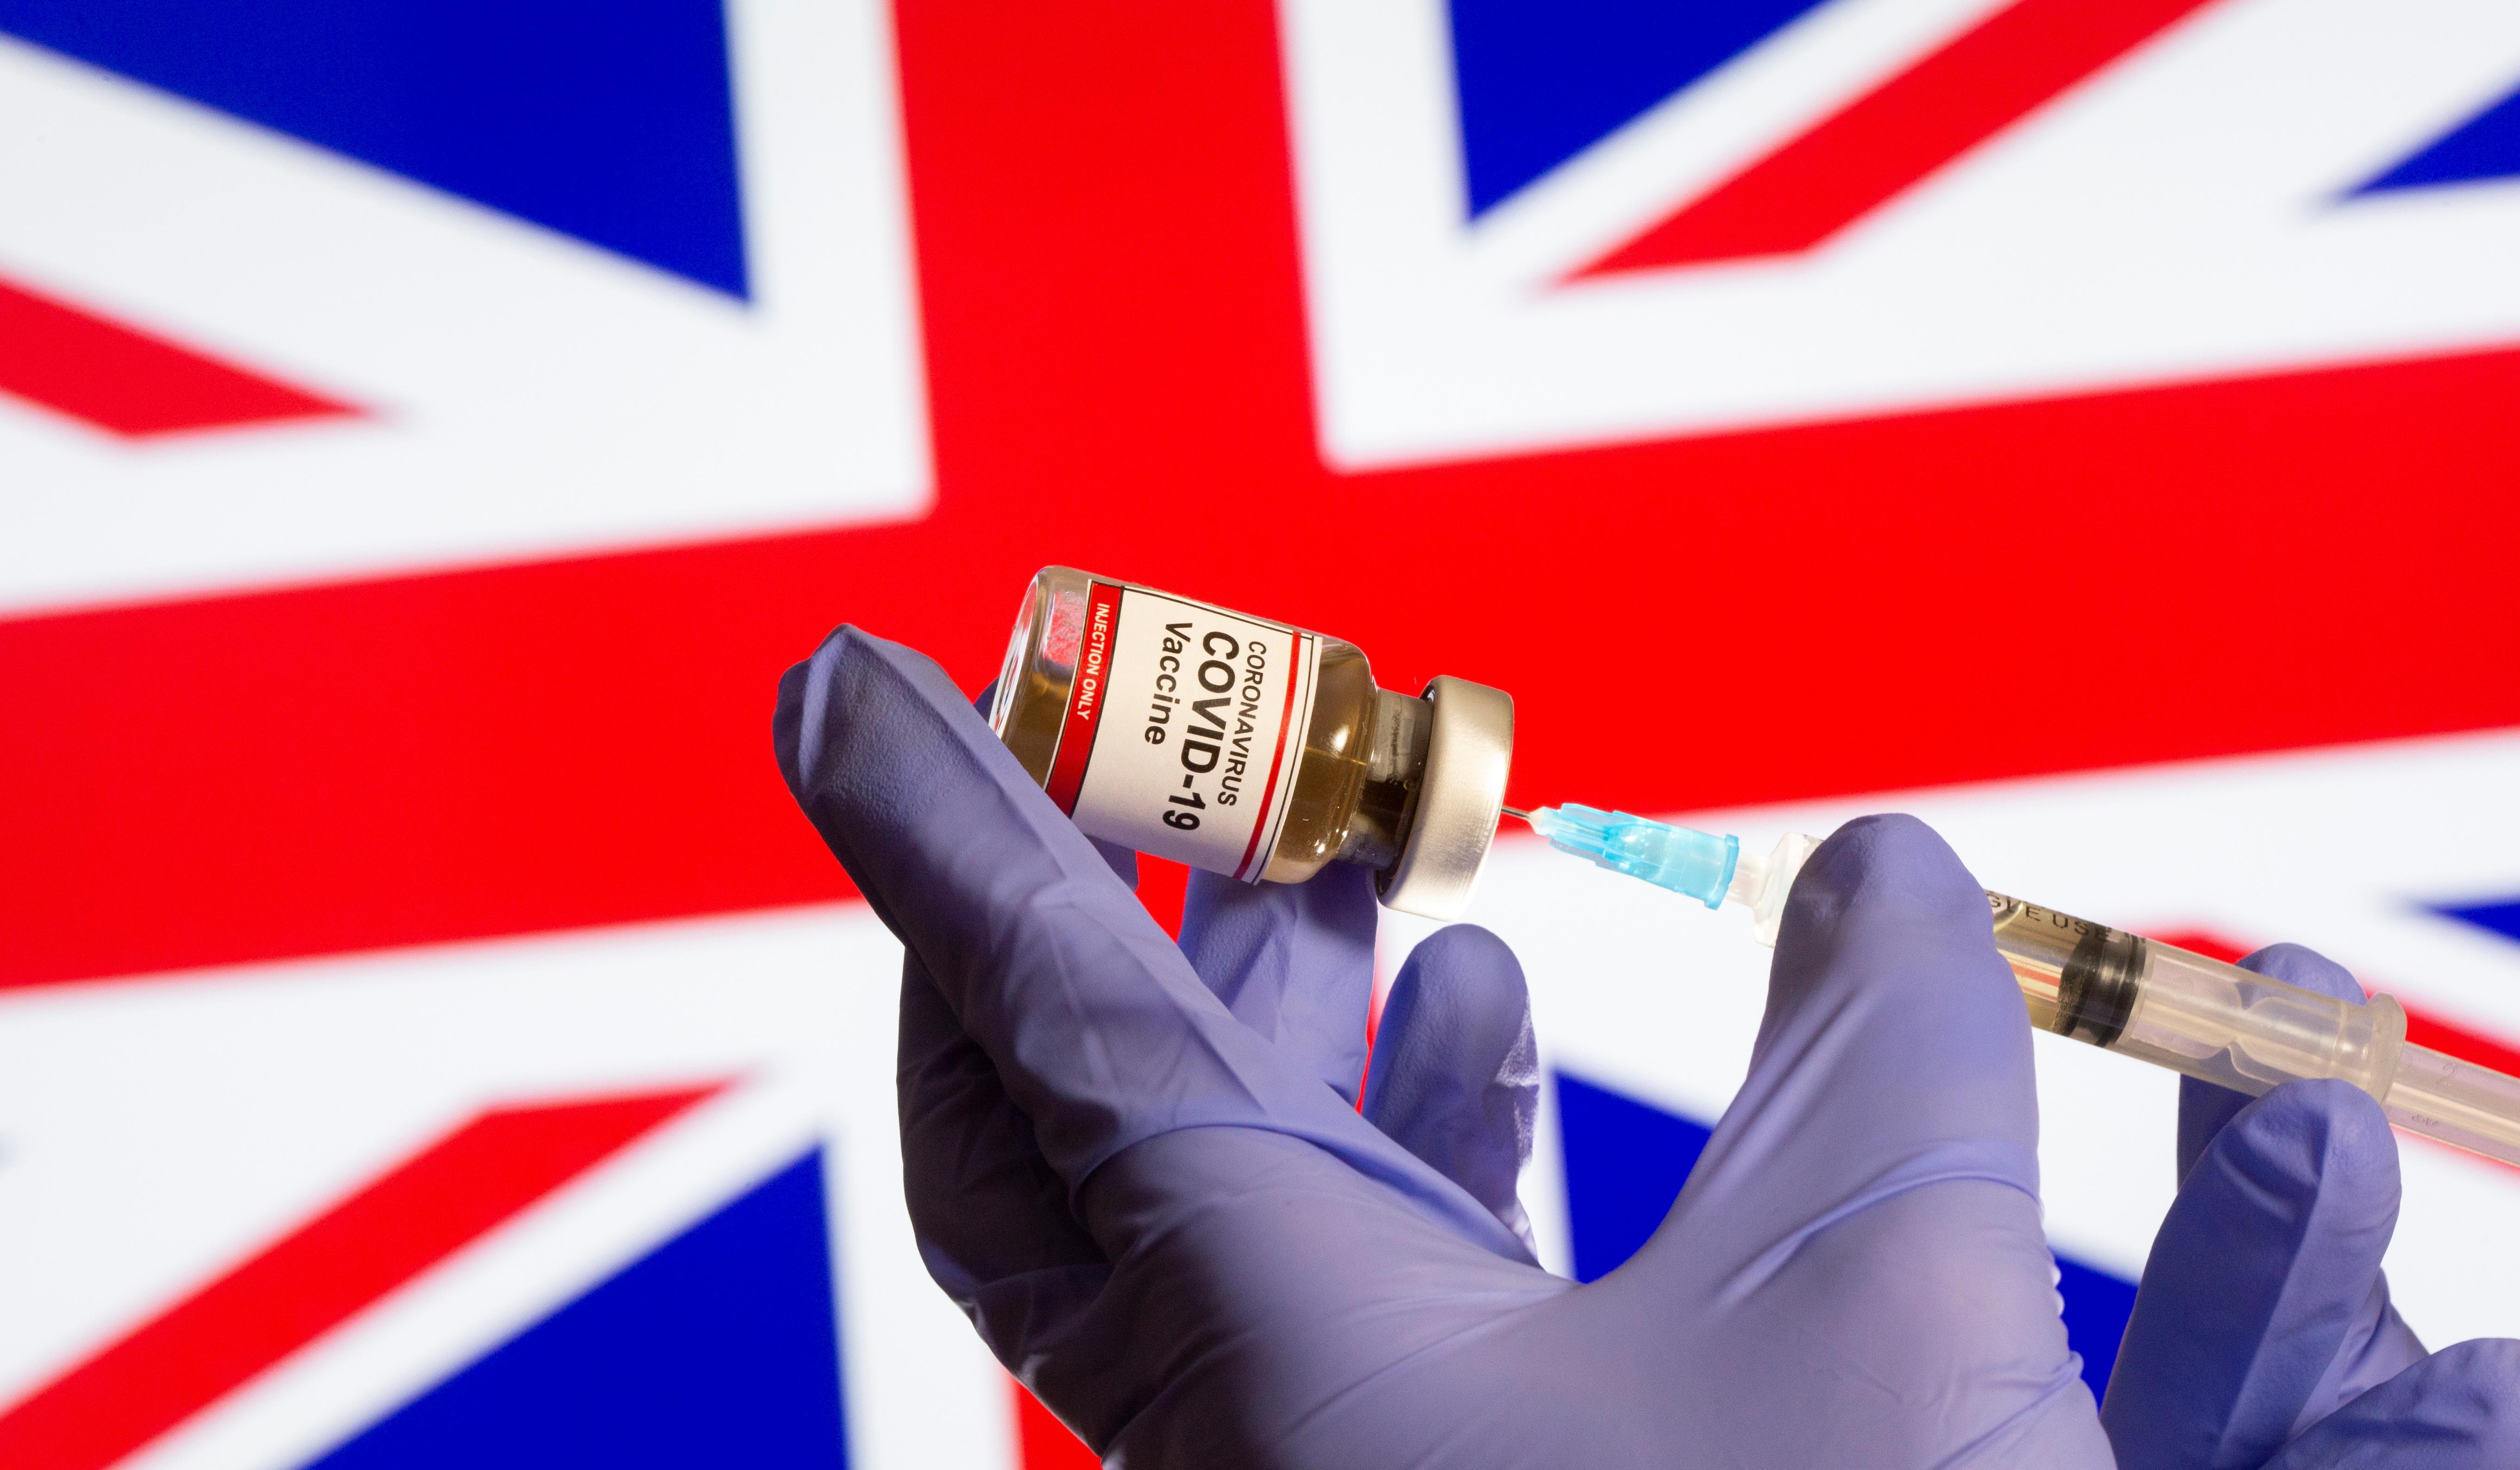 Por Qué La Agencia Europea De Medicamentos Todavía No Aprueba La Vacuna De Oxford Astrazeneca Infobae